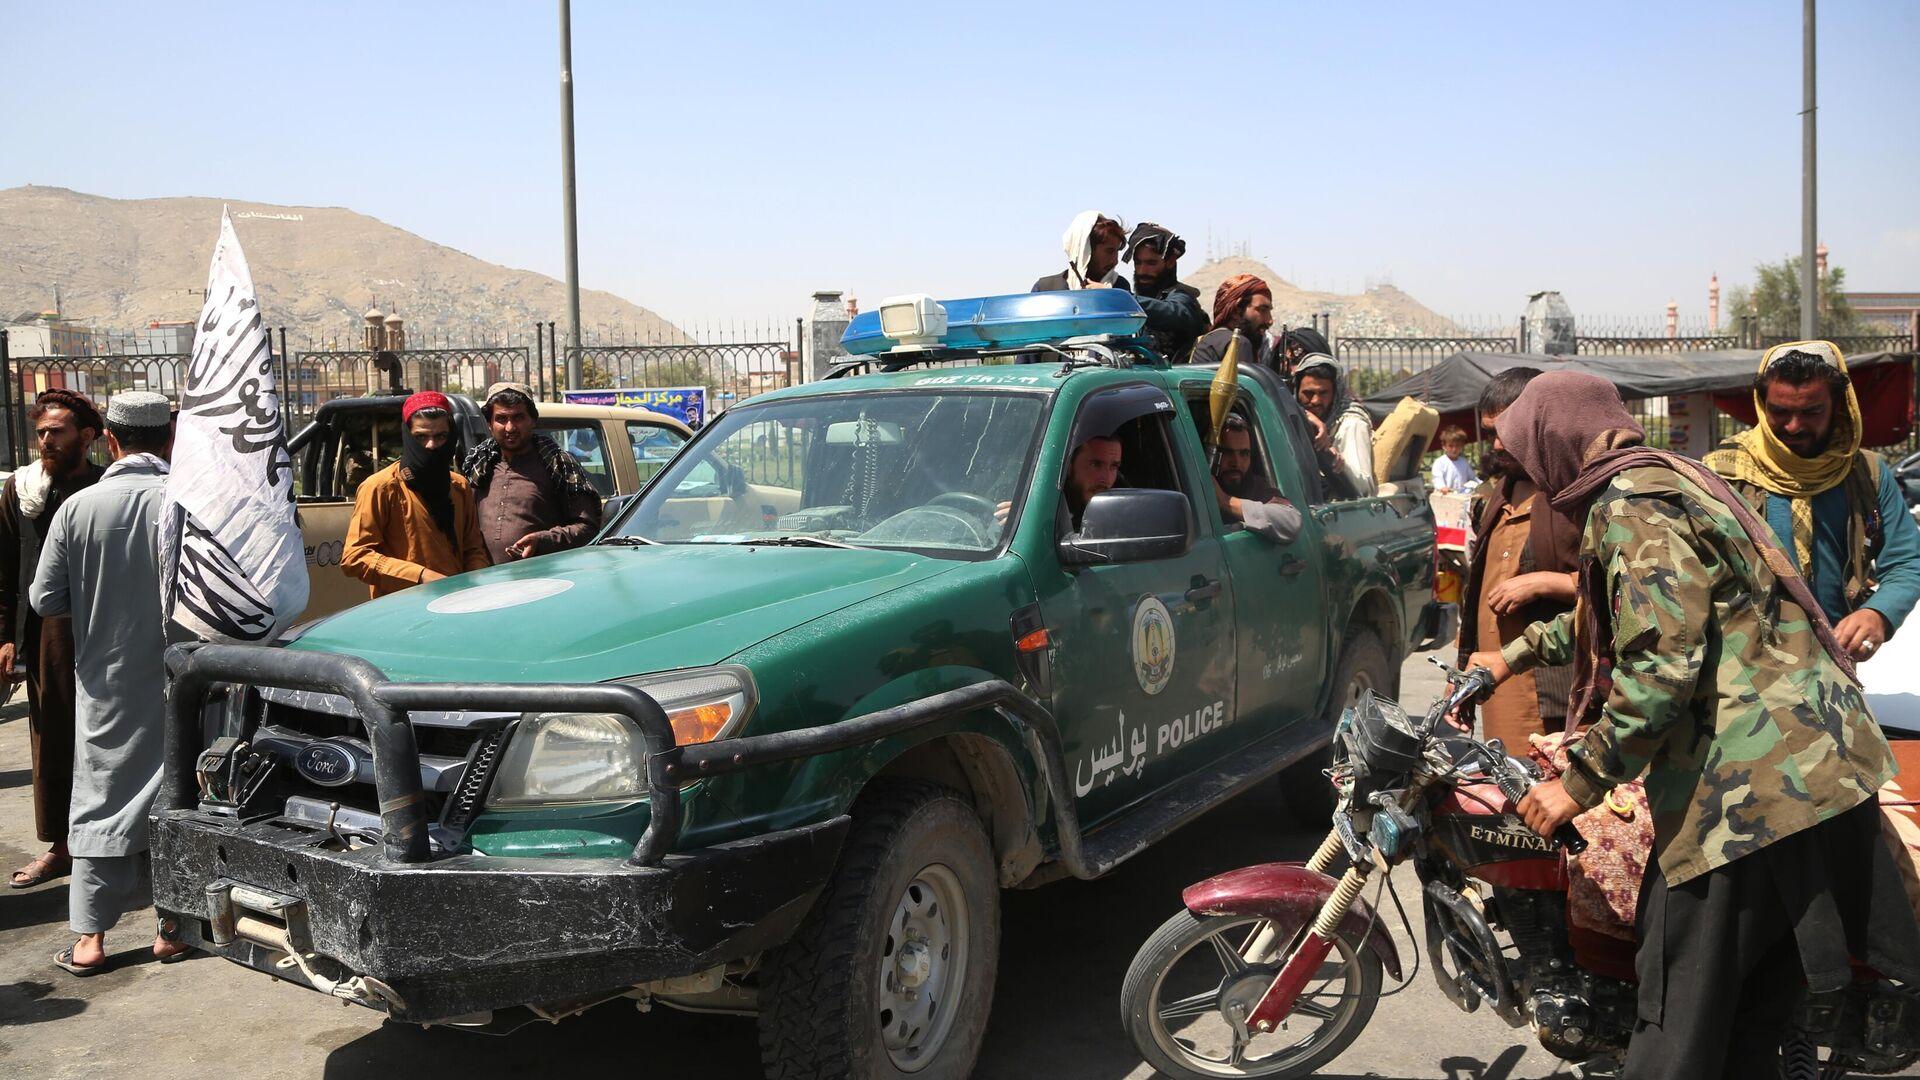 Боевики движения Талибан (террористическая организация, запрещена в России) в Кабуле - РИА Новости, 1920, 17.08.2021